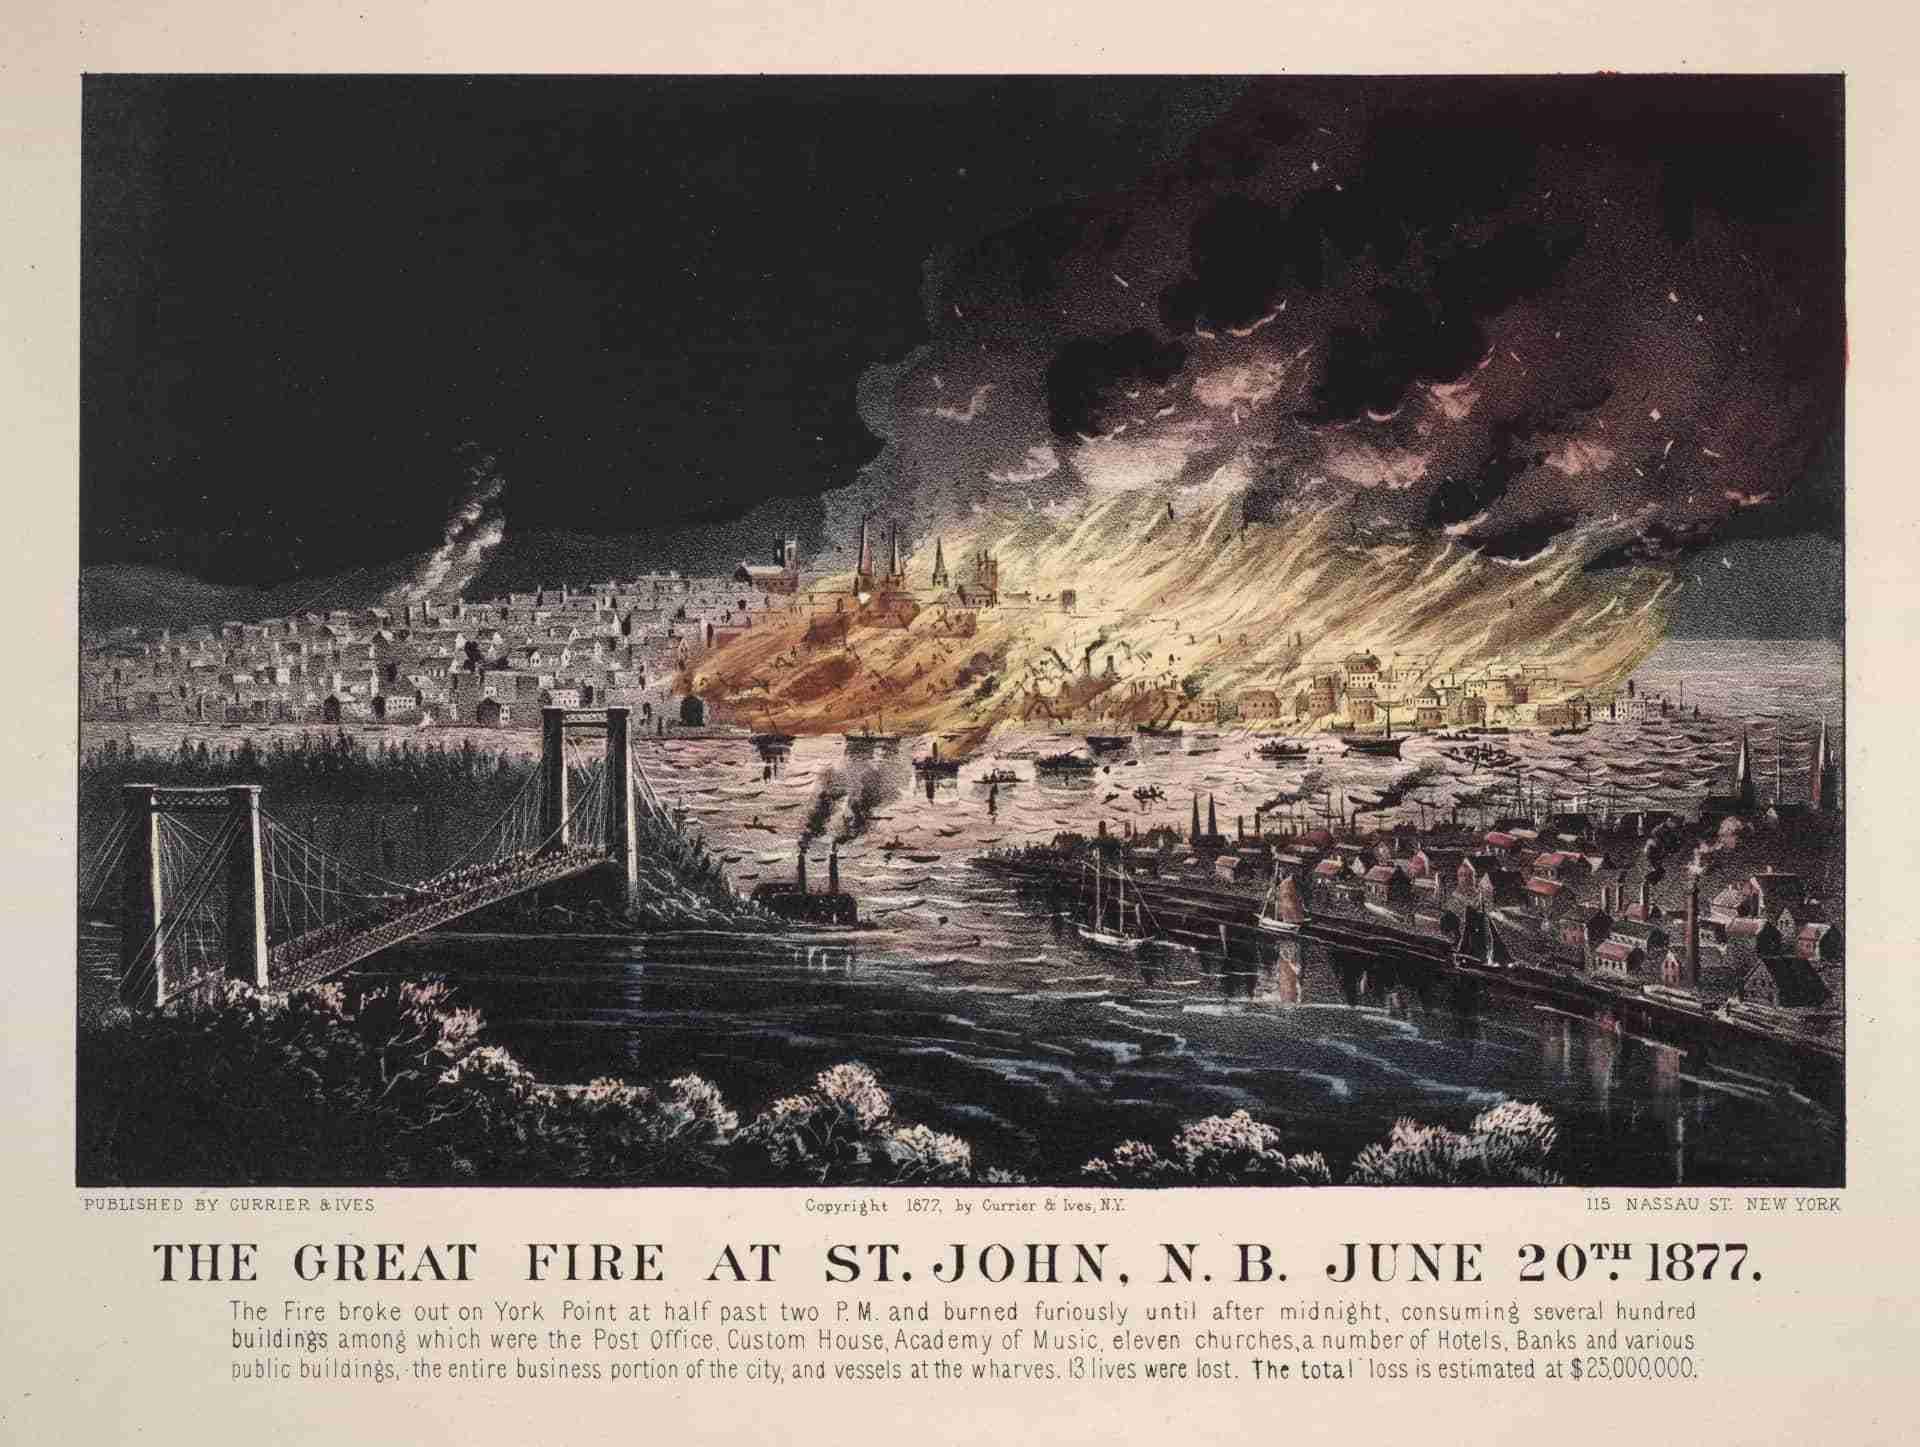 The Great Fire in Saint John